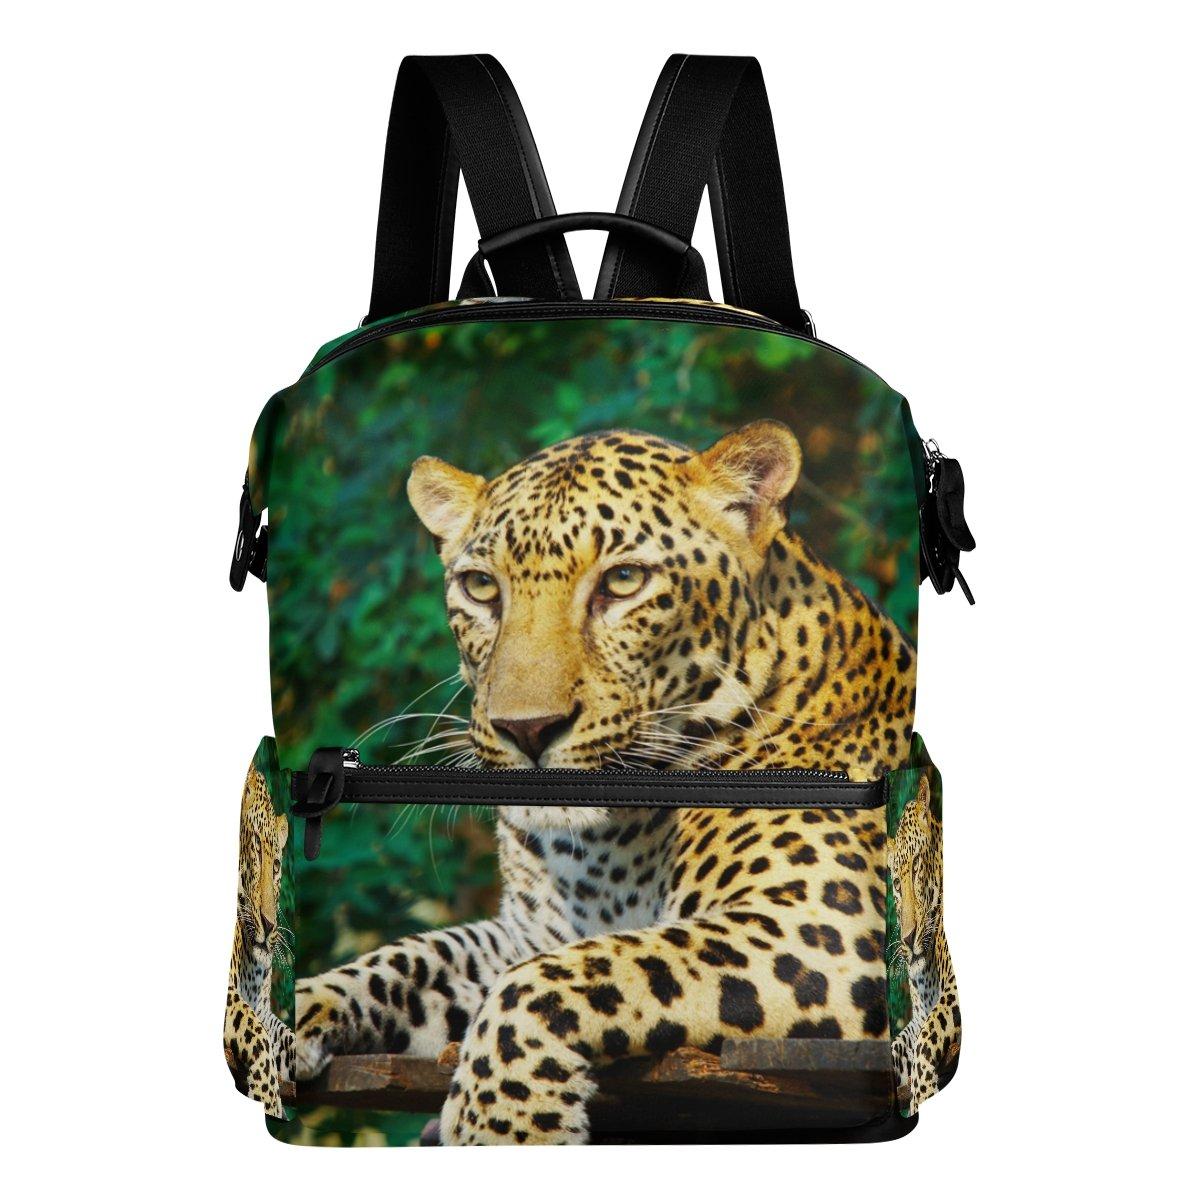 COOSUN Leopard nello zaino zaino da viaggio Forest School Multi